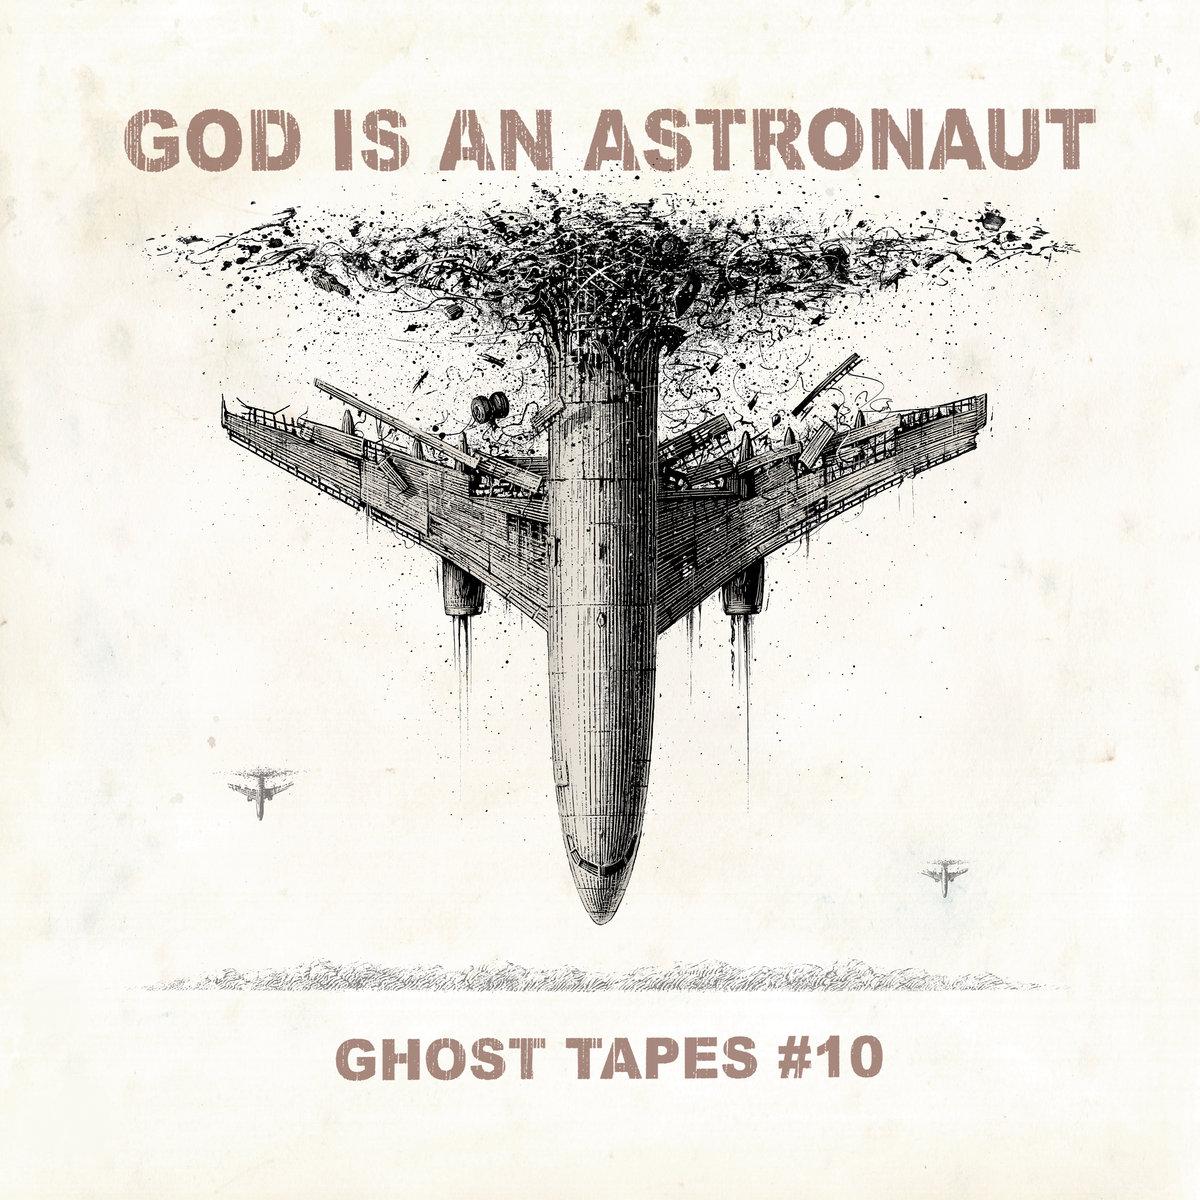 god is an astronaut 10